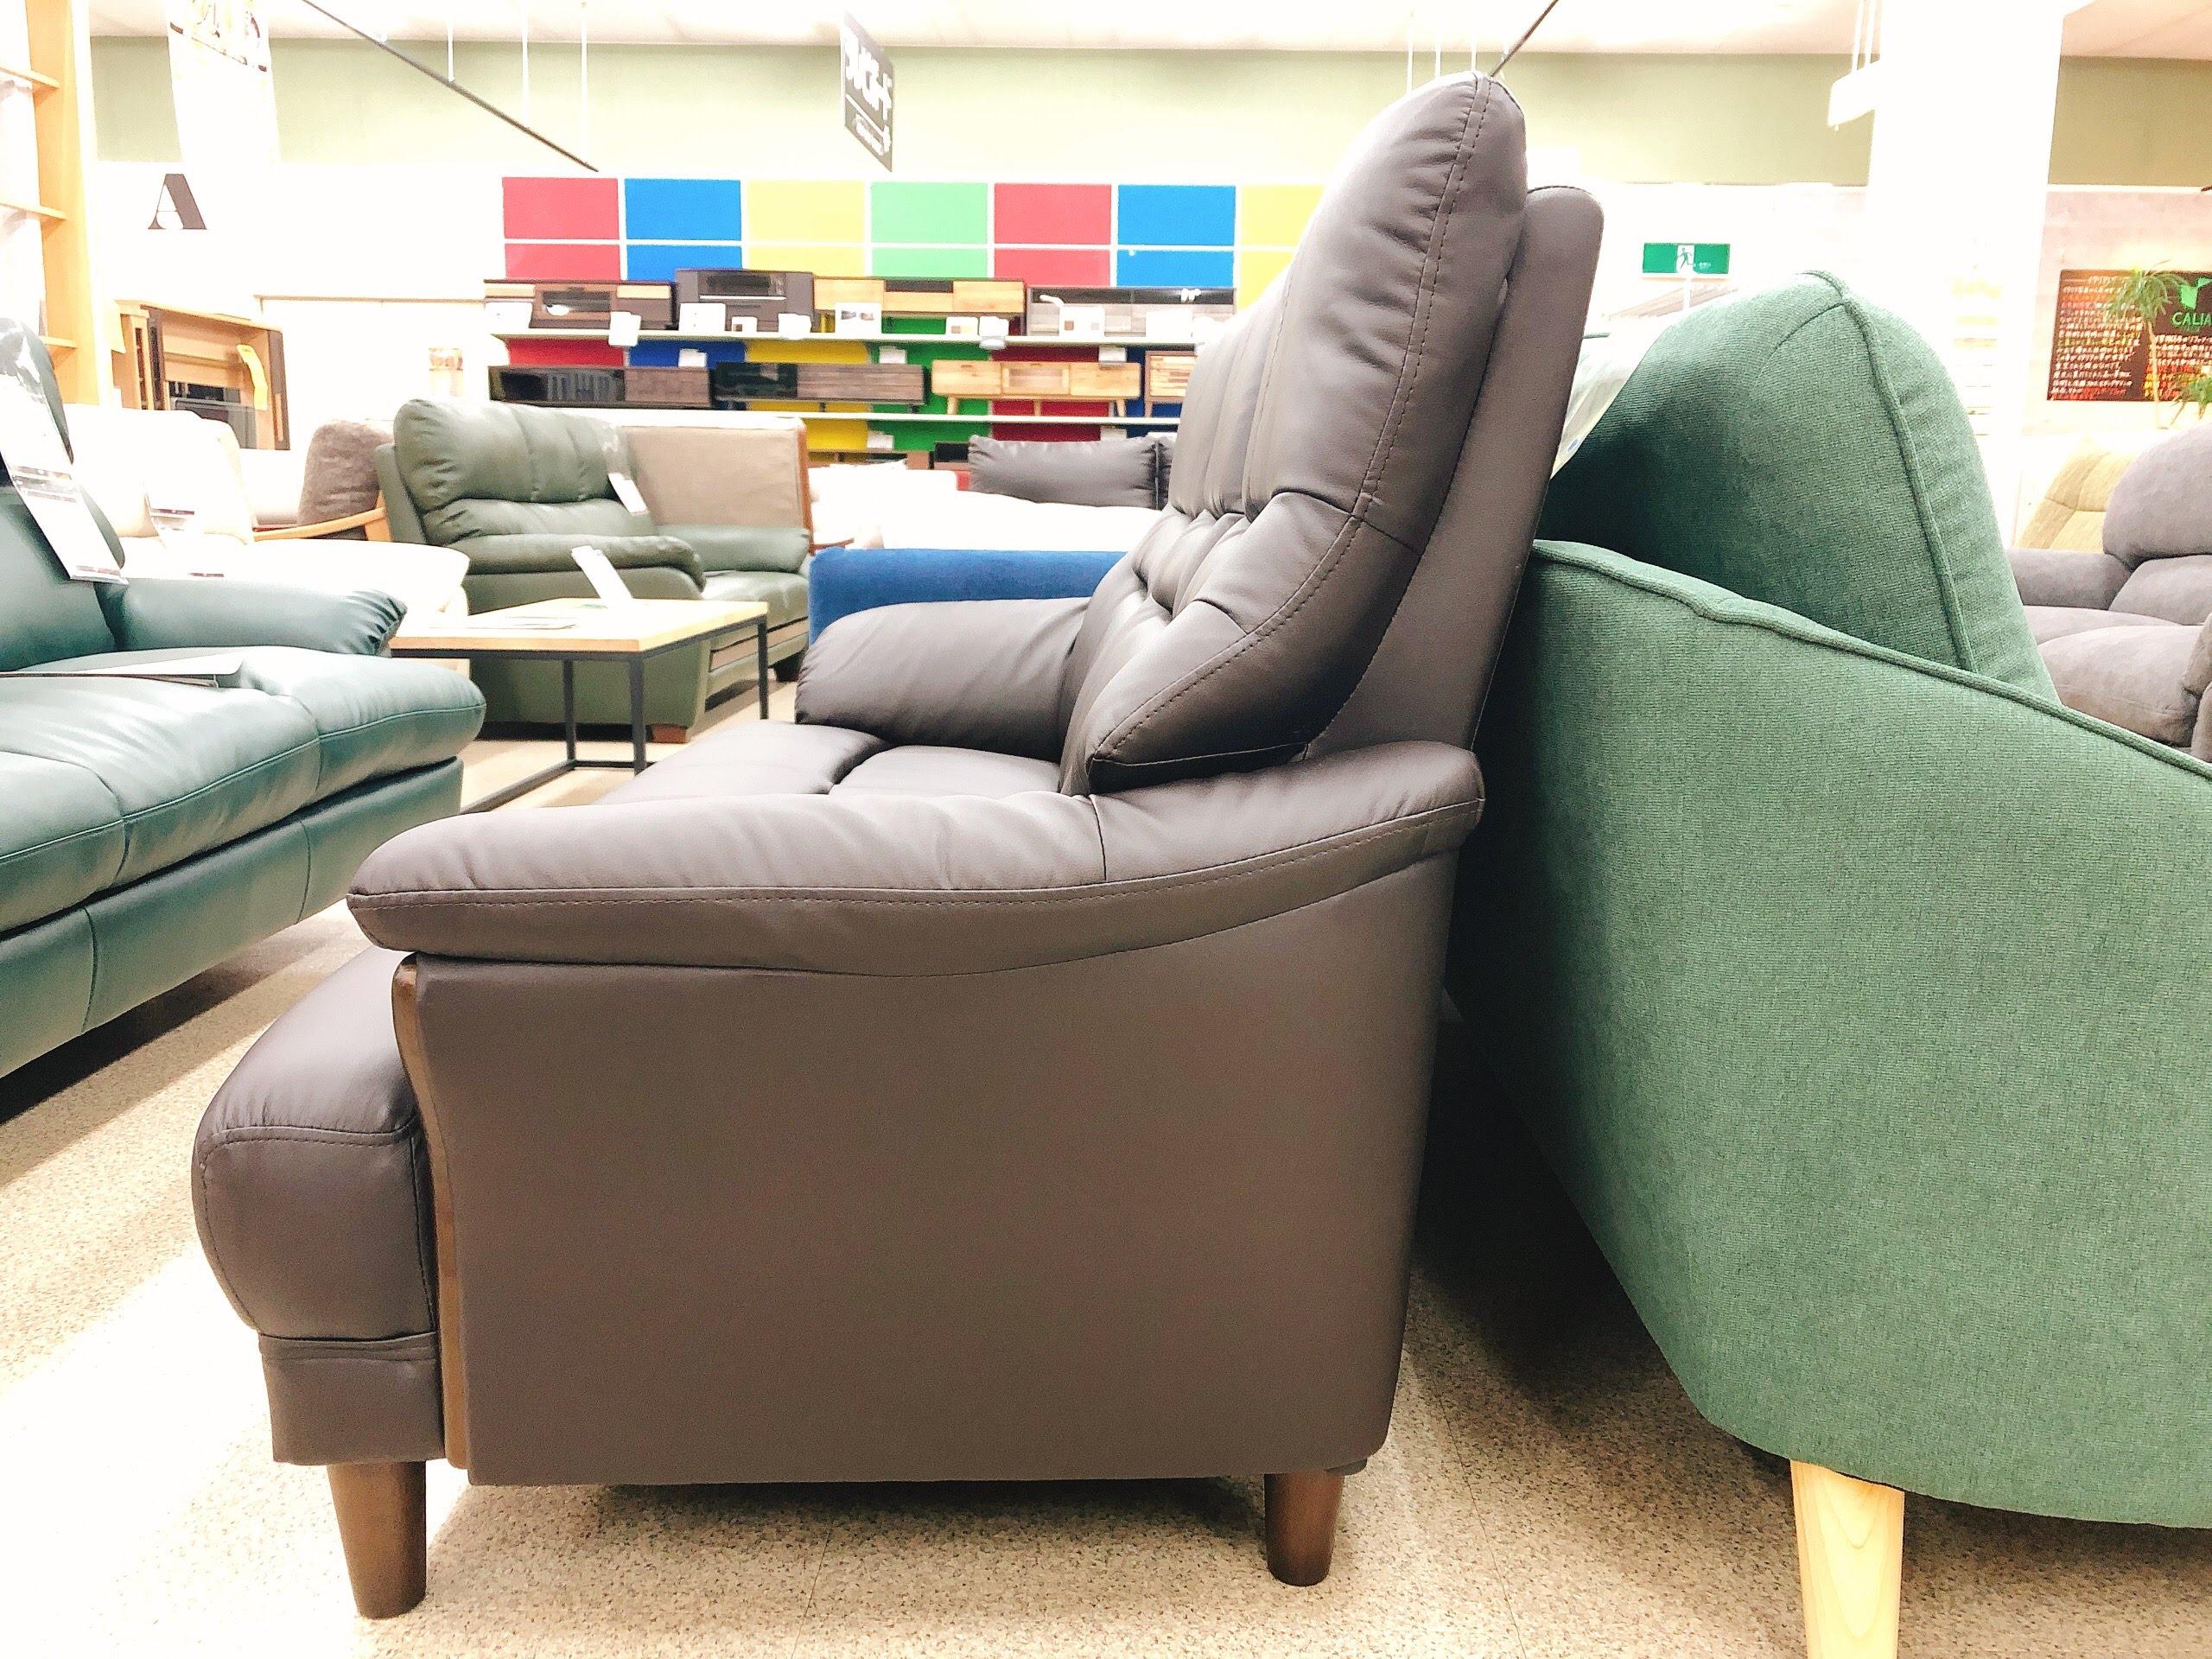 3人掛けAPU合成皮革ソファー 固めの座り心地のハイバックの画像4